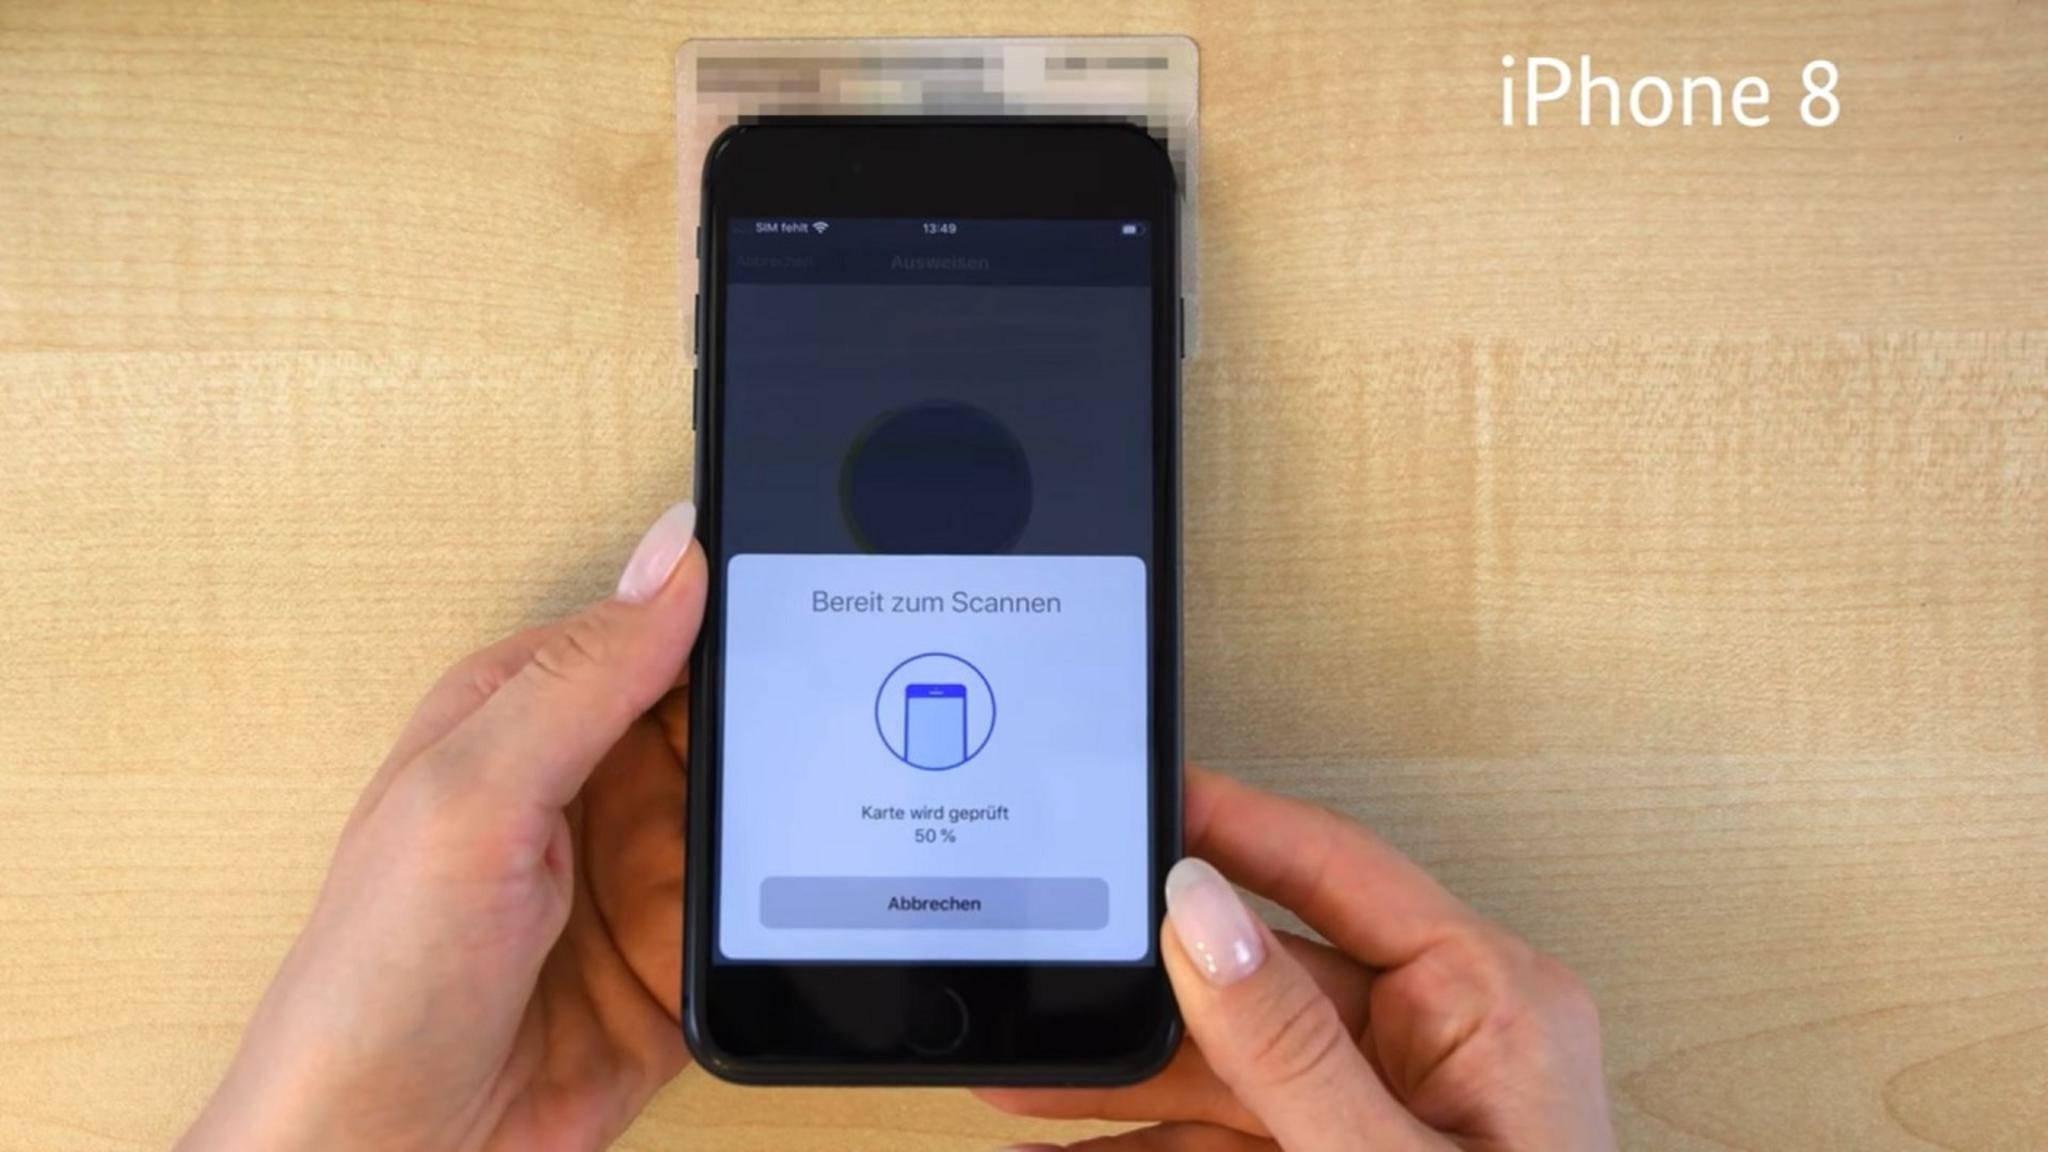 AusweisApp 2 für iOS 13